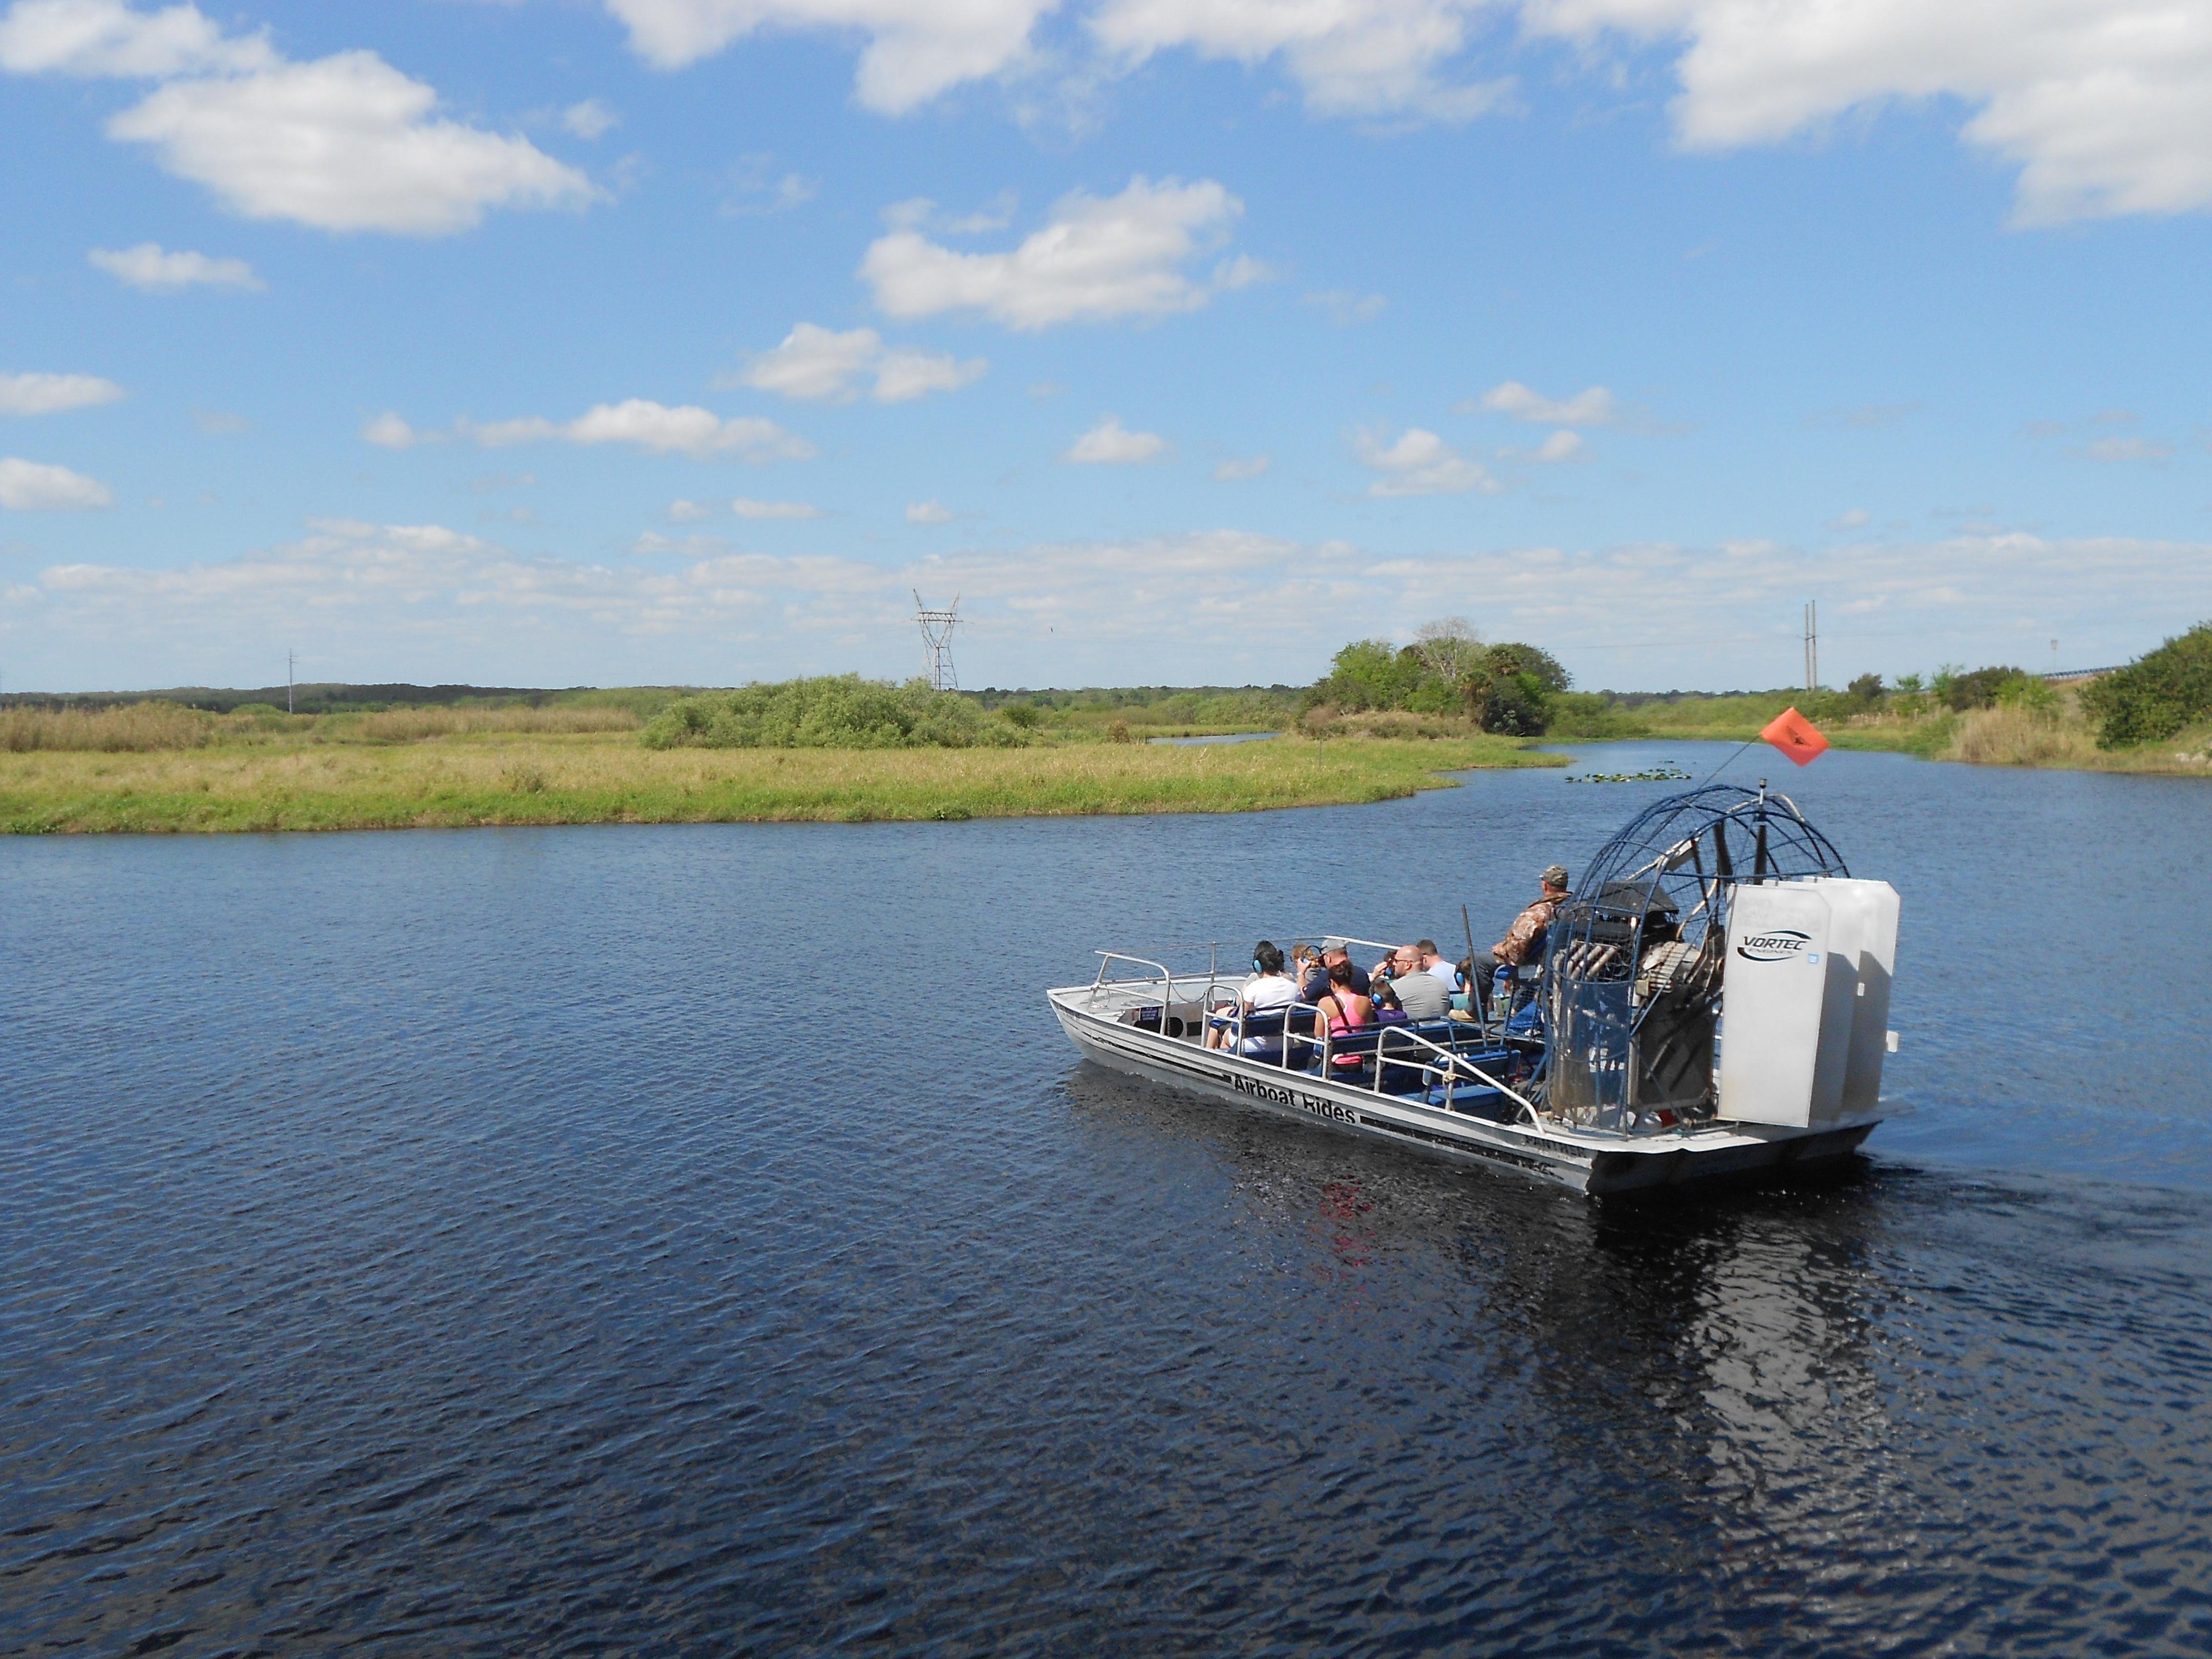 Mein Schiff Ausflug: Per Propellerbootsfahrt durch die Everglades